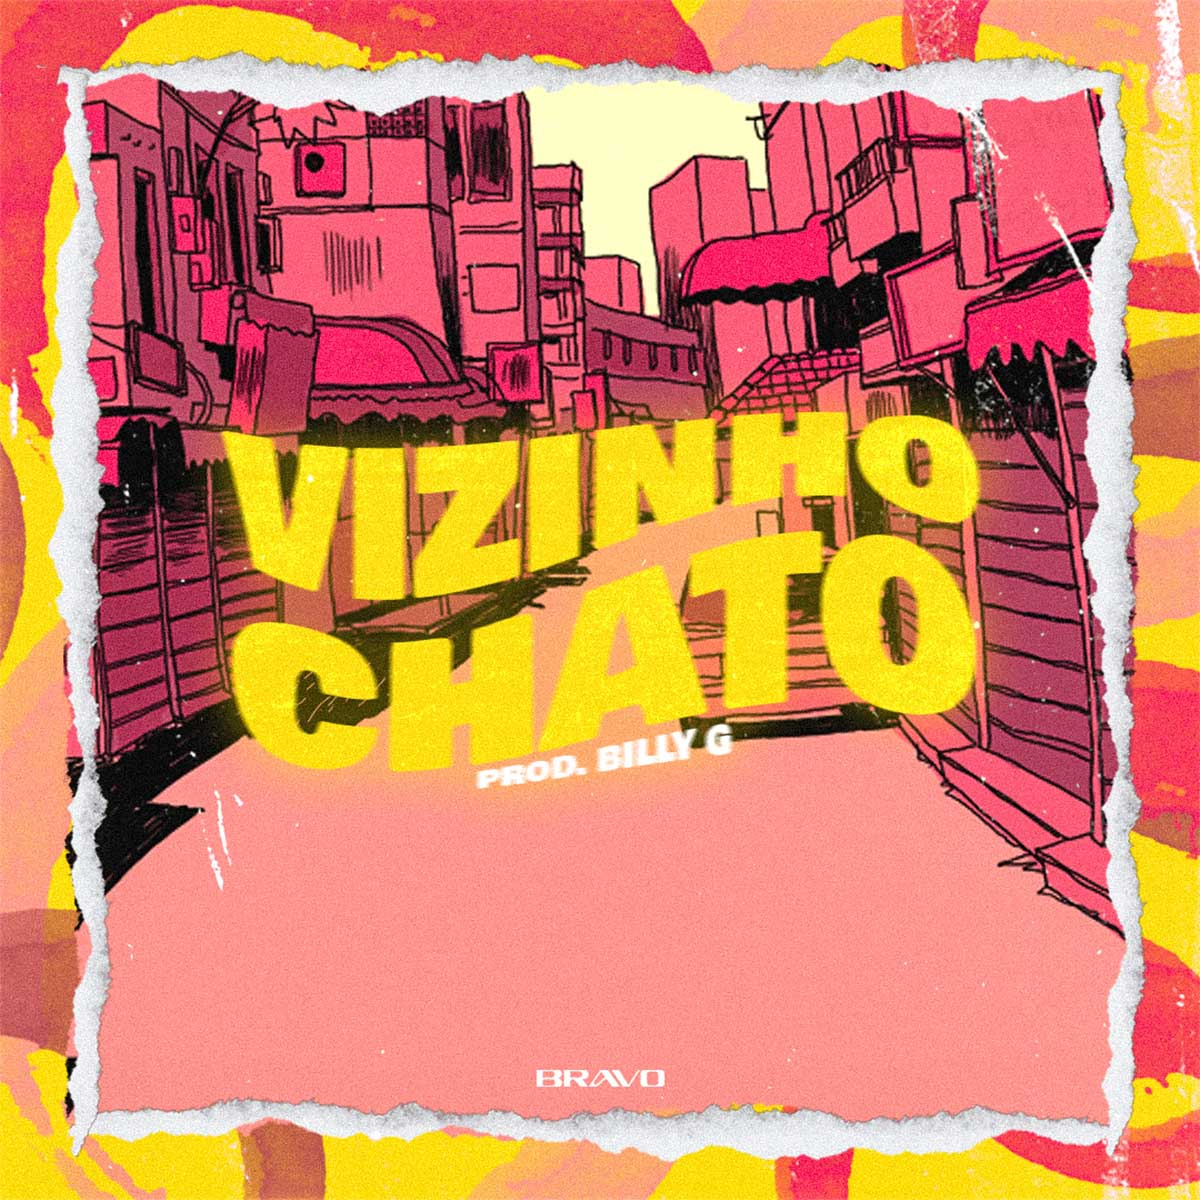 Johnny Bravo - Vizinho Chato (Prod. Billy G)